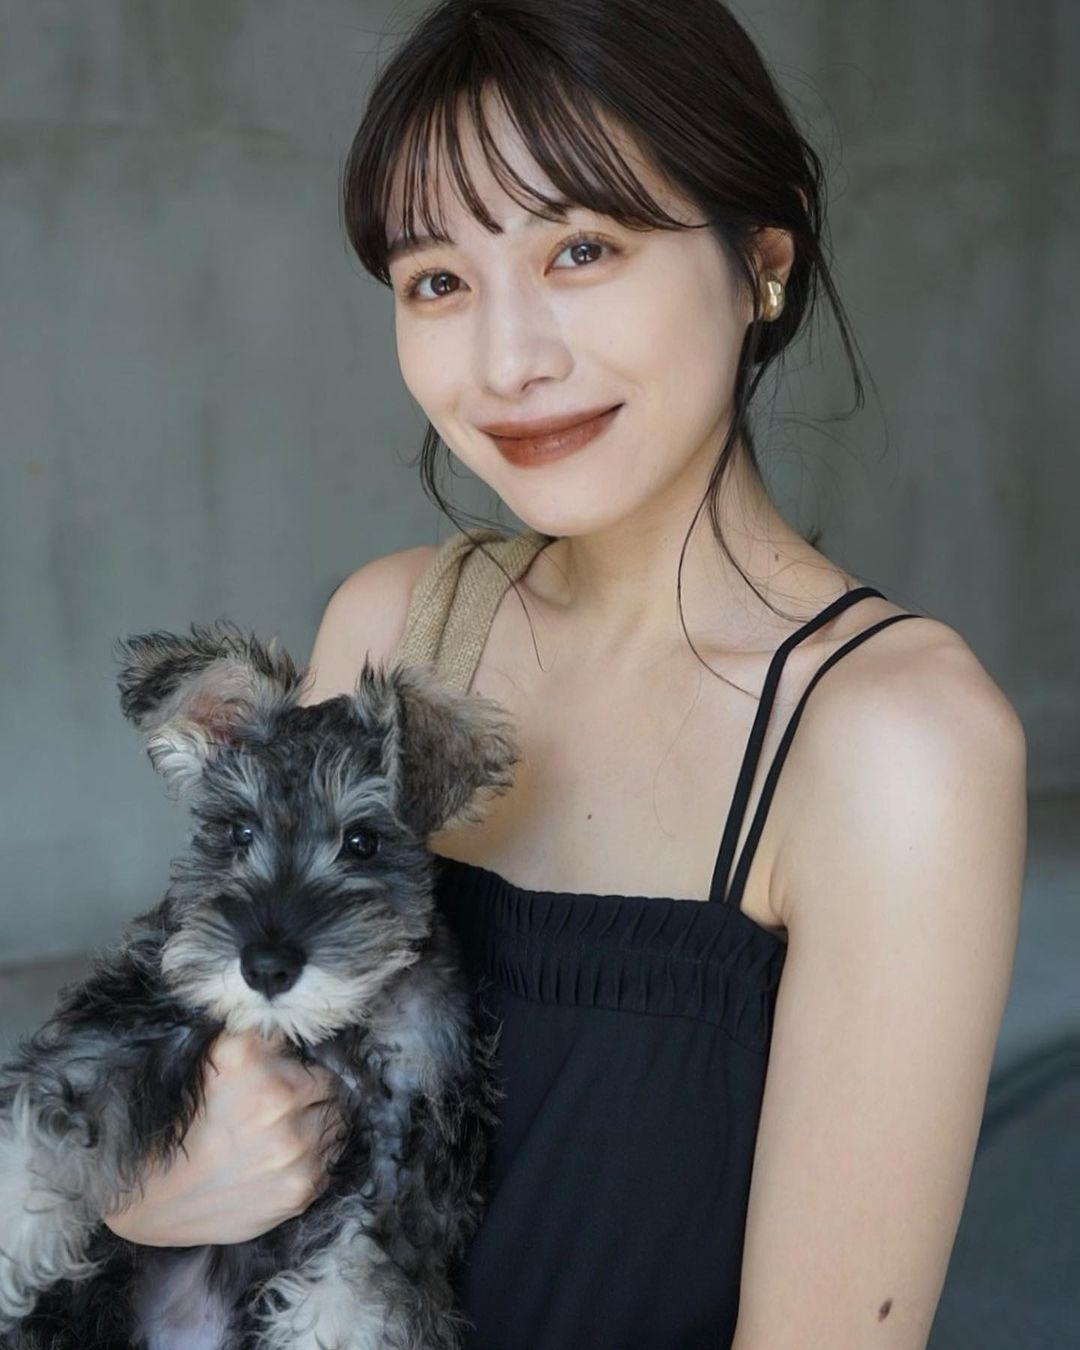 东京私立名校毕业的美女时装设计师日本妹子的清新甜美气质真的好可爱 养眼图片 第7张